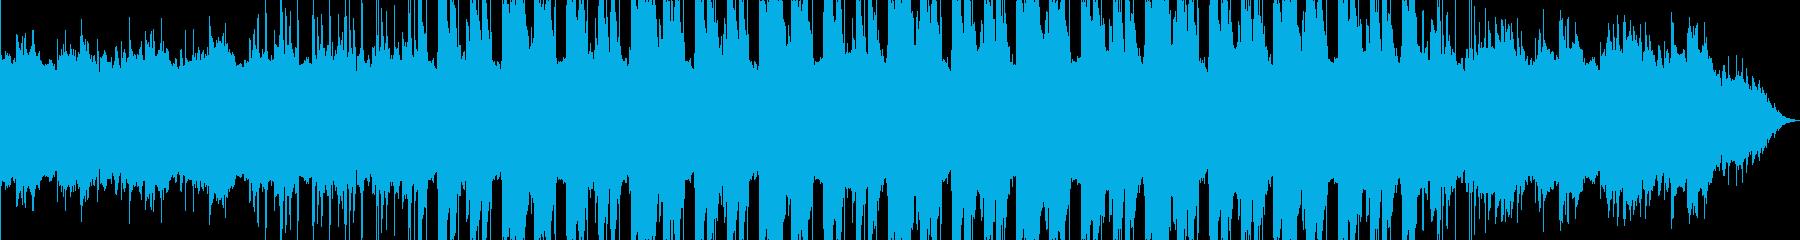 恋人たちの為のスロウ バラードの再生済みの波形